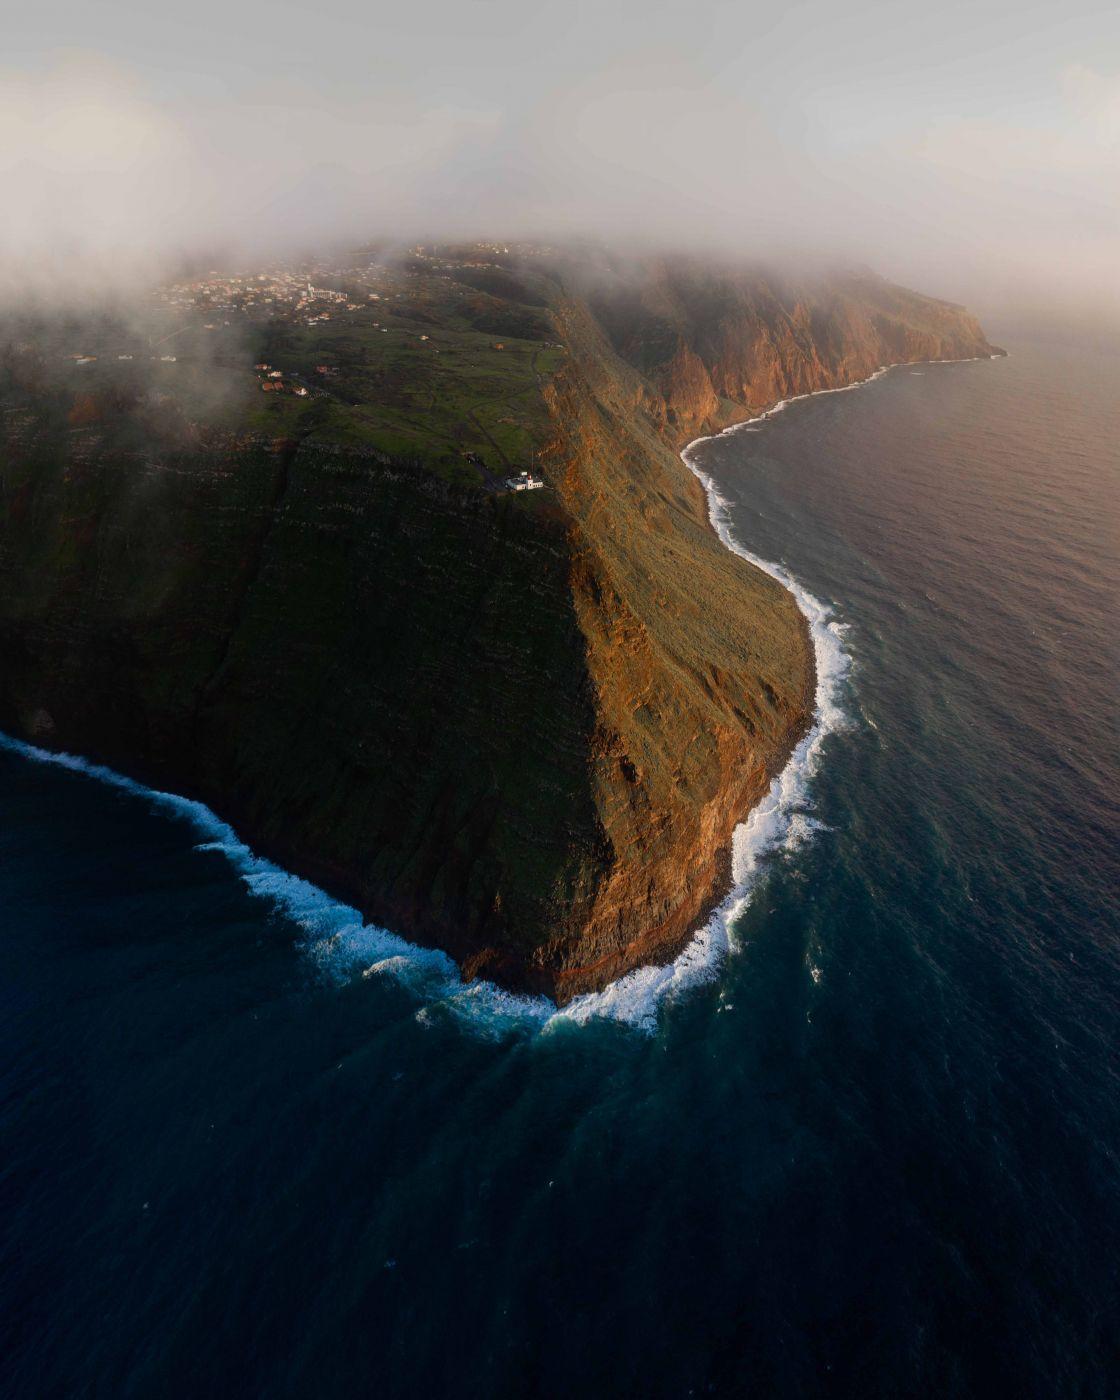 Ponta do Pargo Lighthouse [Drone], Portugal